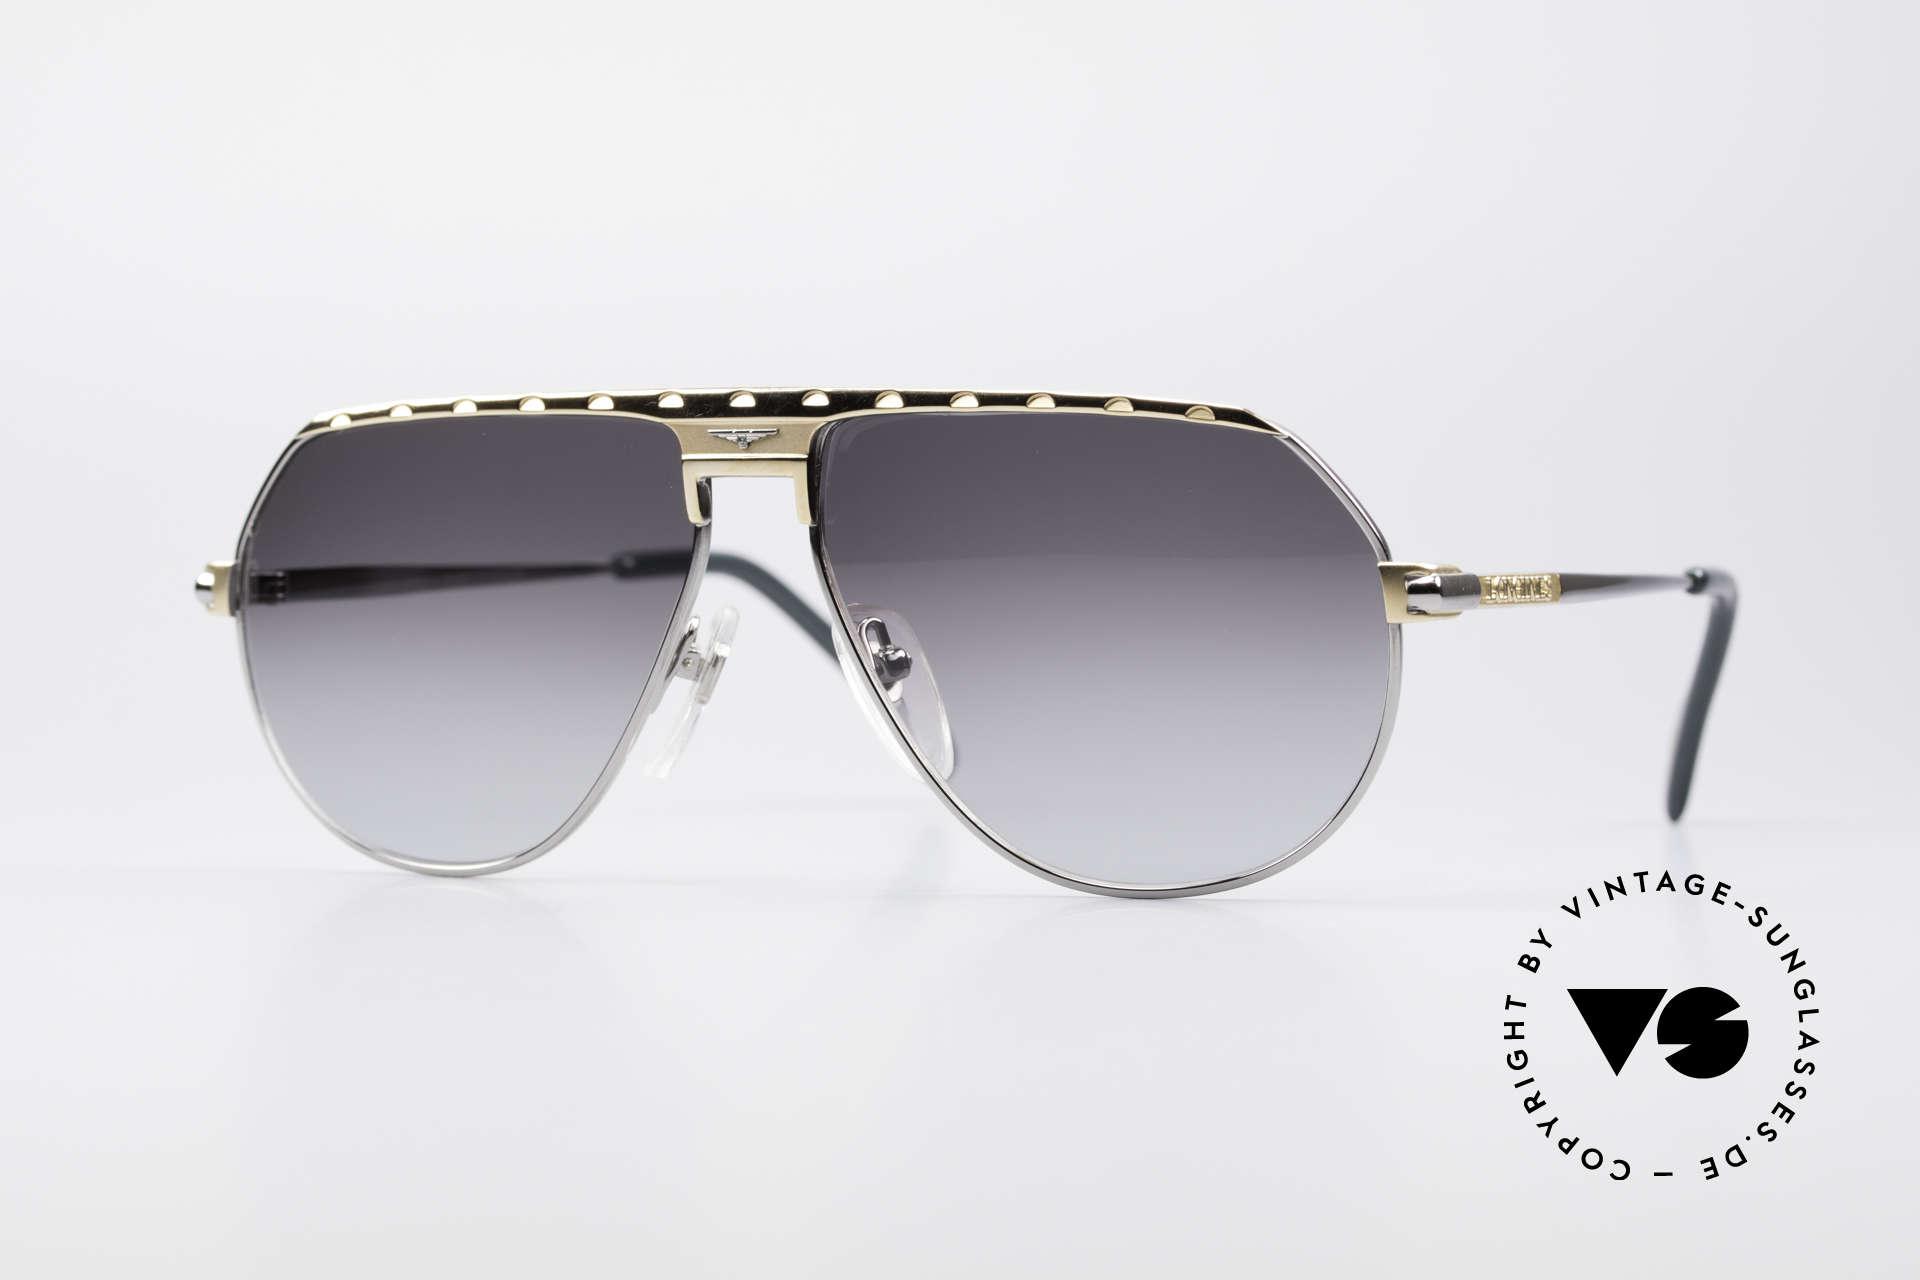 Longines 0151 80er Titanium Sonnenbrille, maskuline 80er Designersonnenbrille von Longines, Passend für Herren